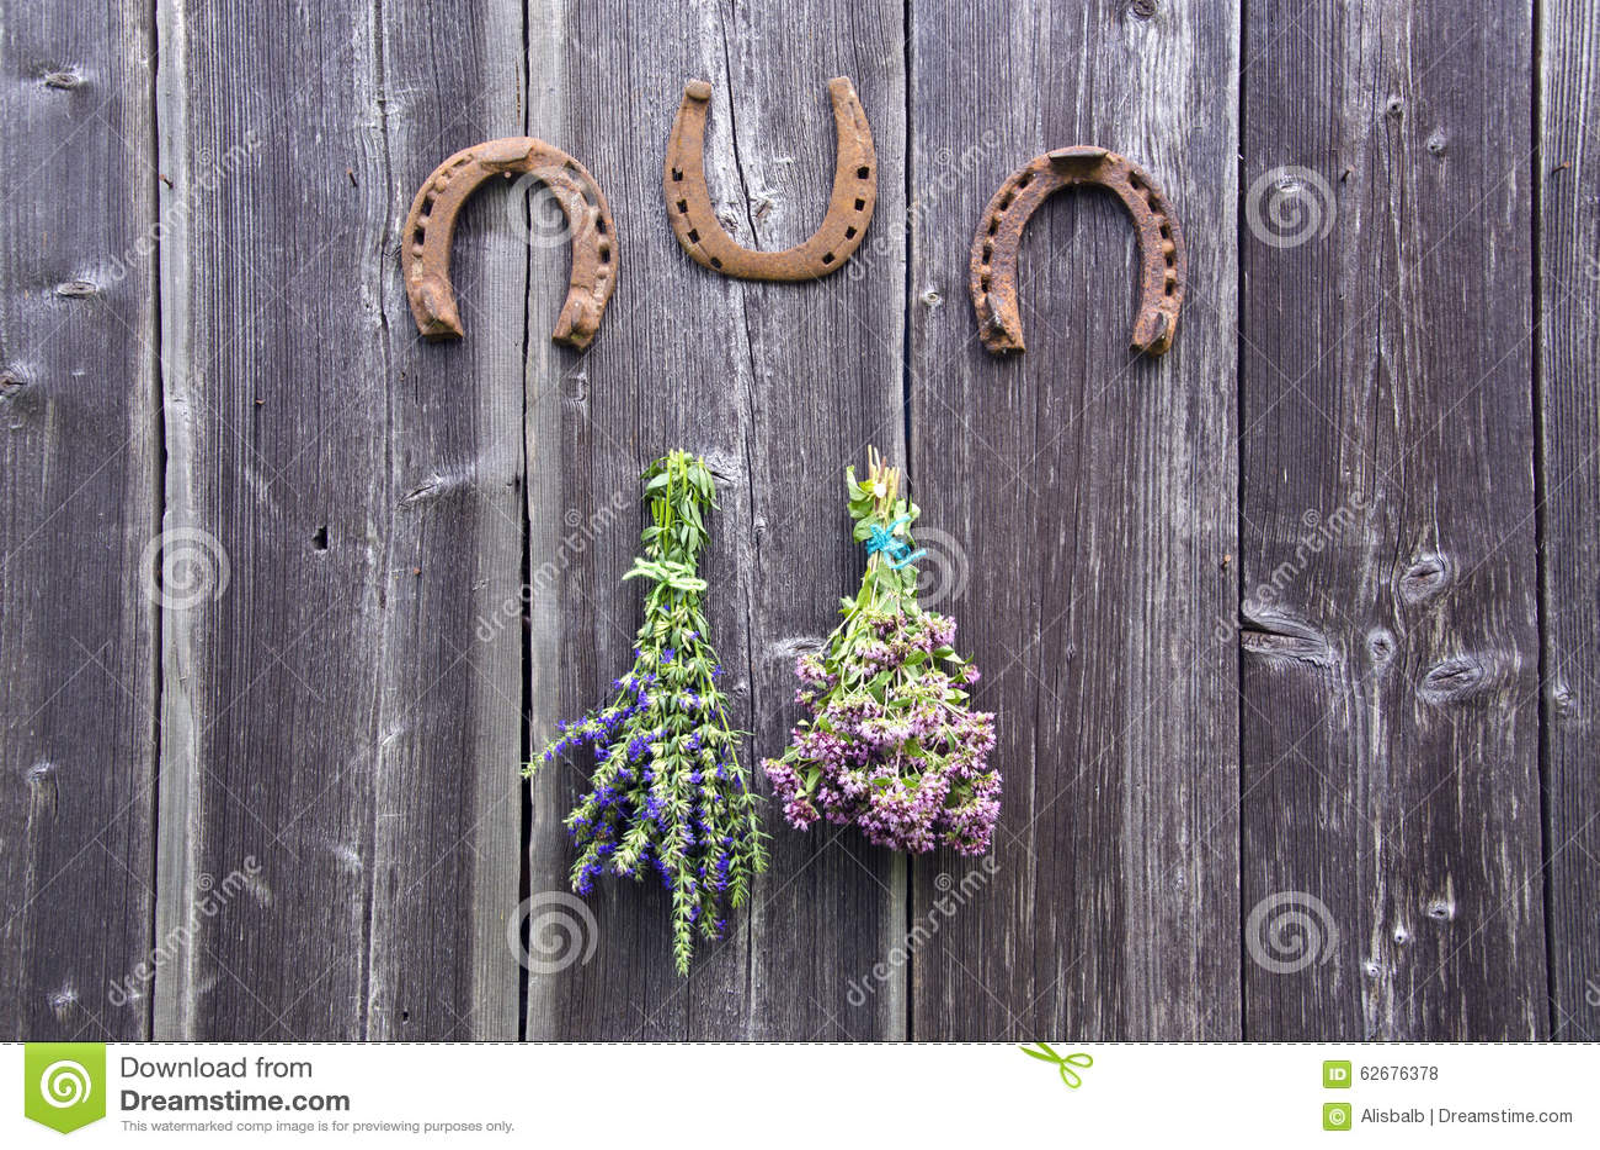 Dos paquetes de hierbas del orégano y del Hisopo y de tres herraduras en la pared